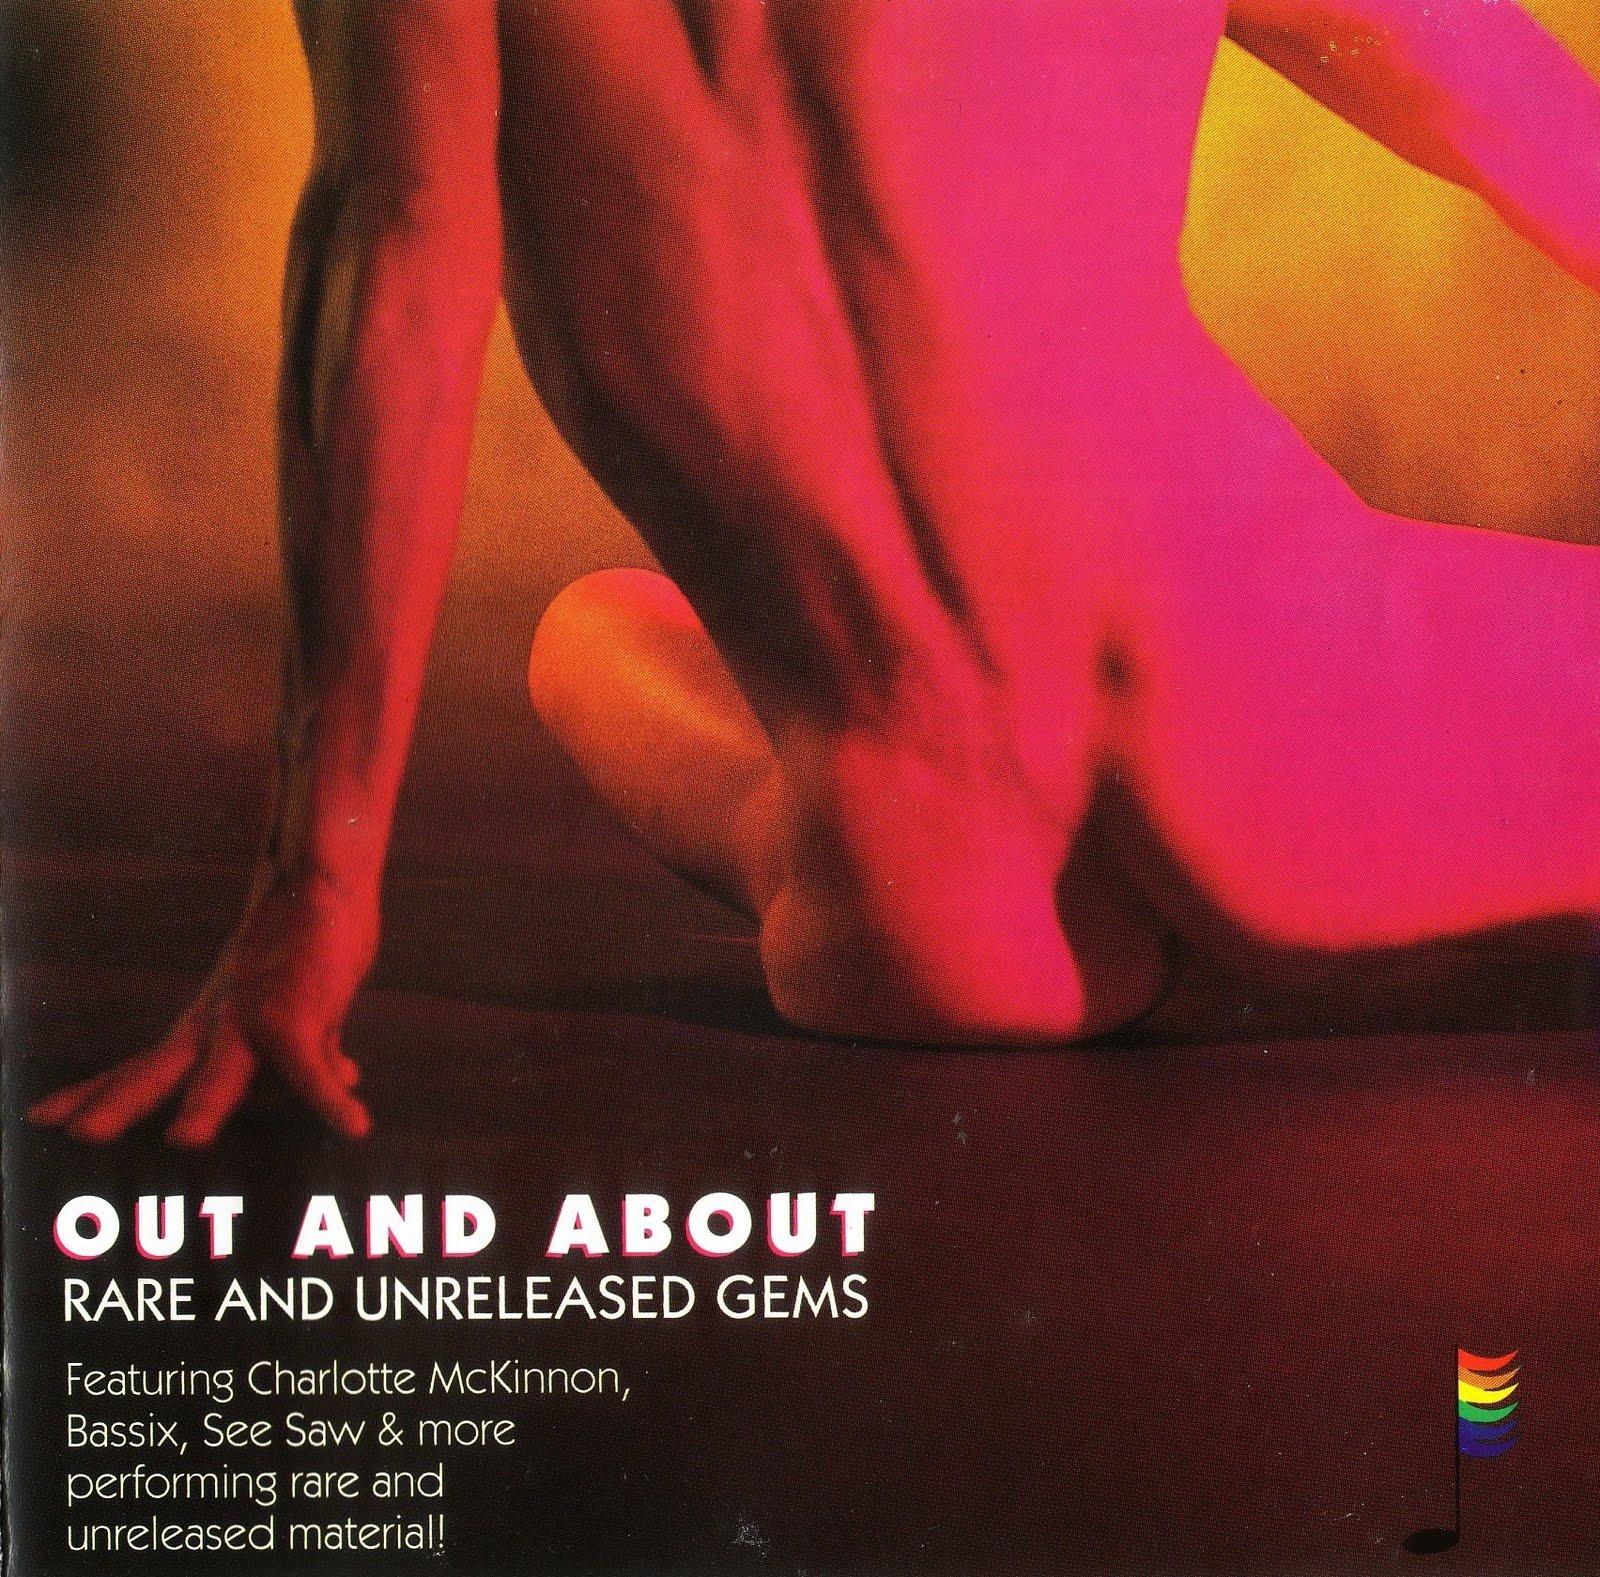 RETRO DISCO HI-NRG Gay Classics Mega Mix - Volume 2 various artists.